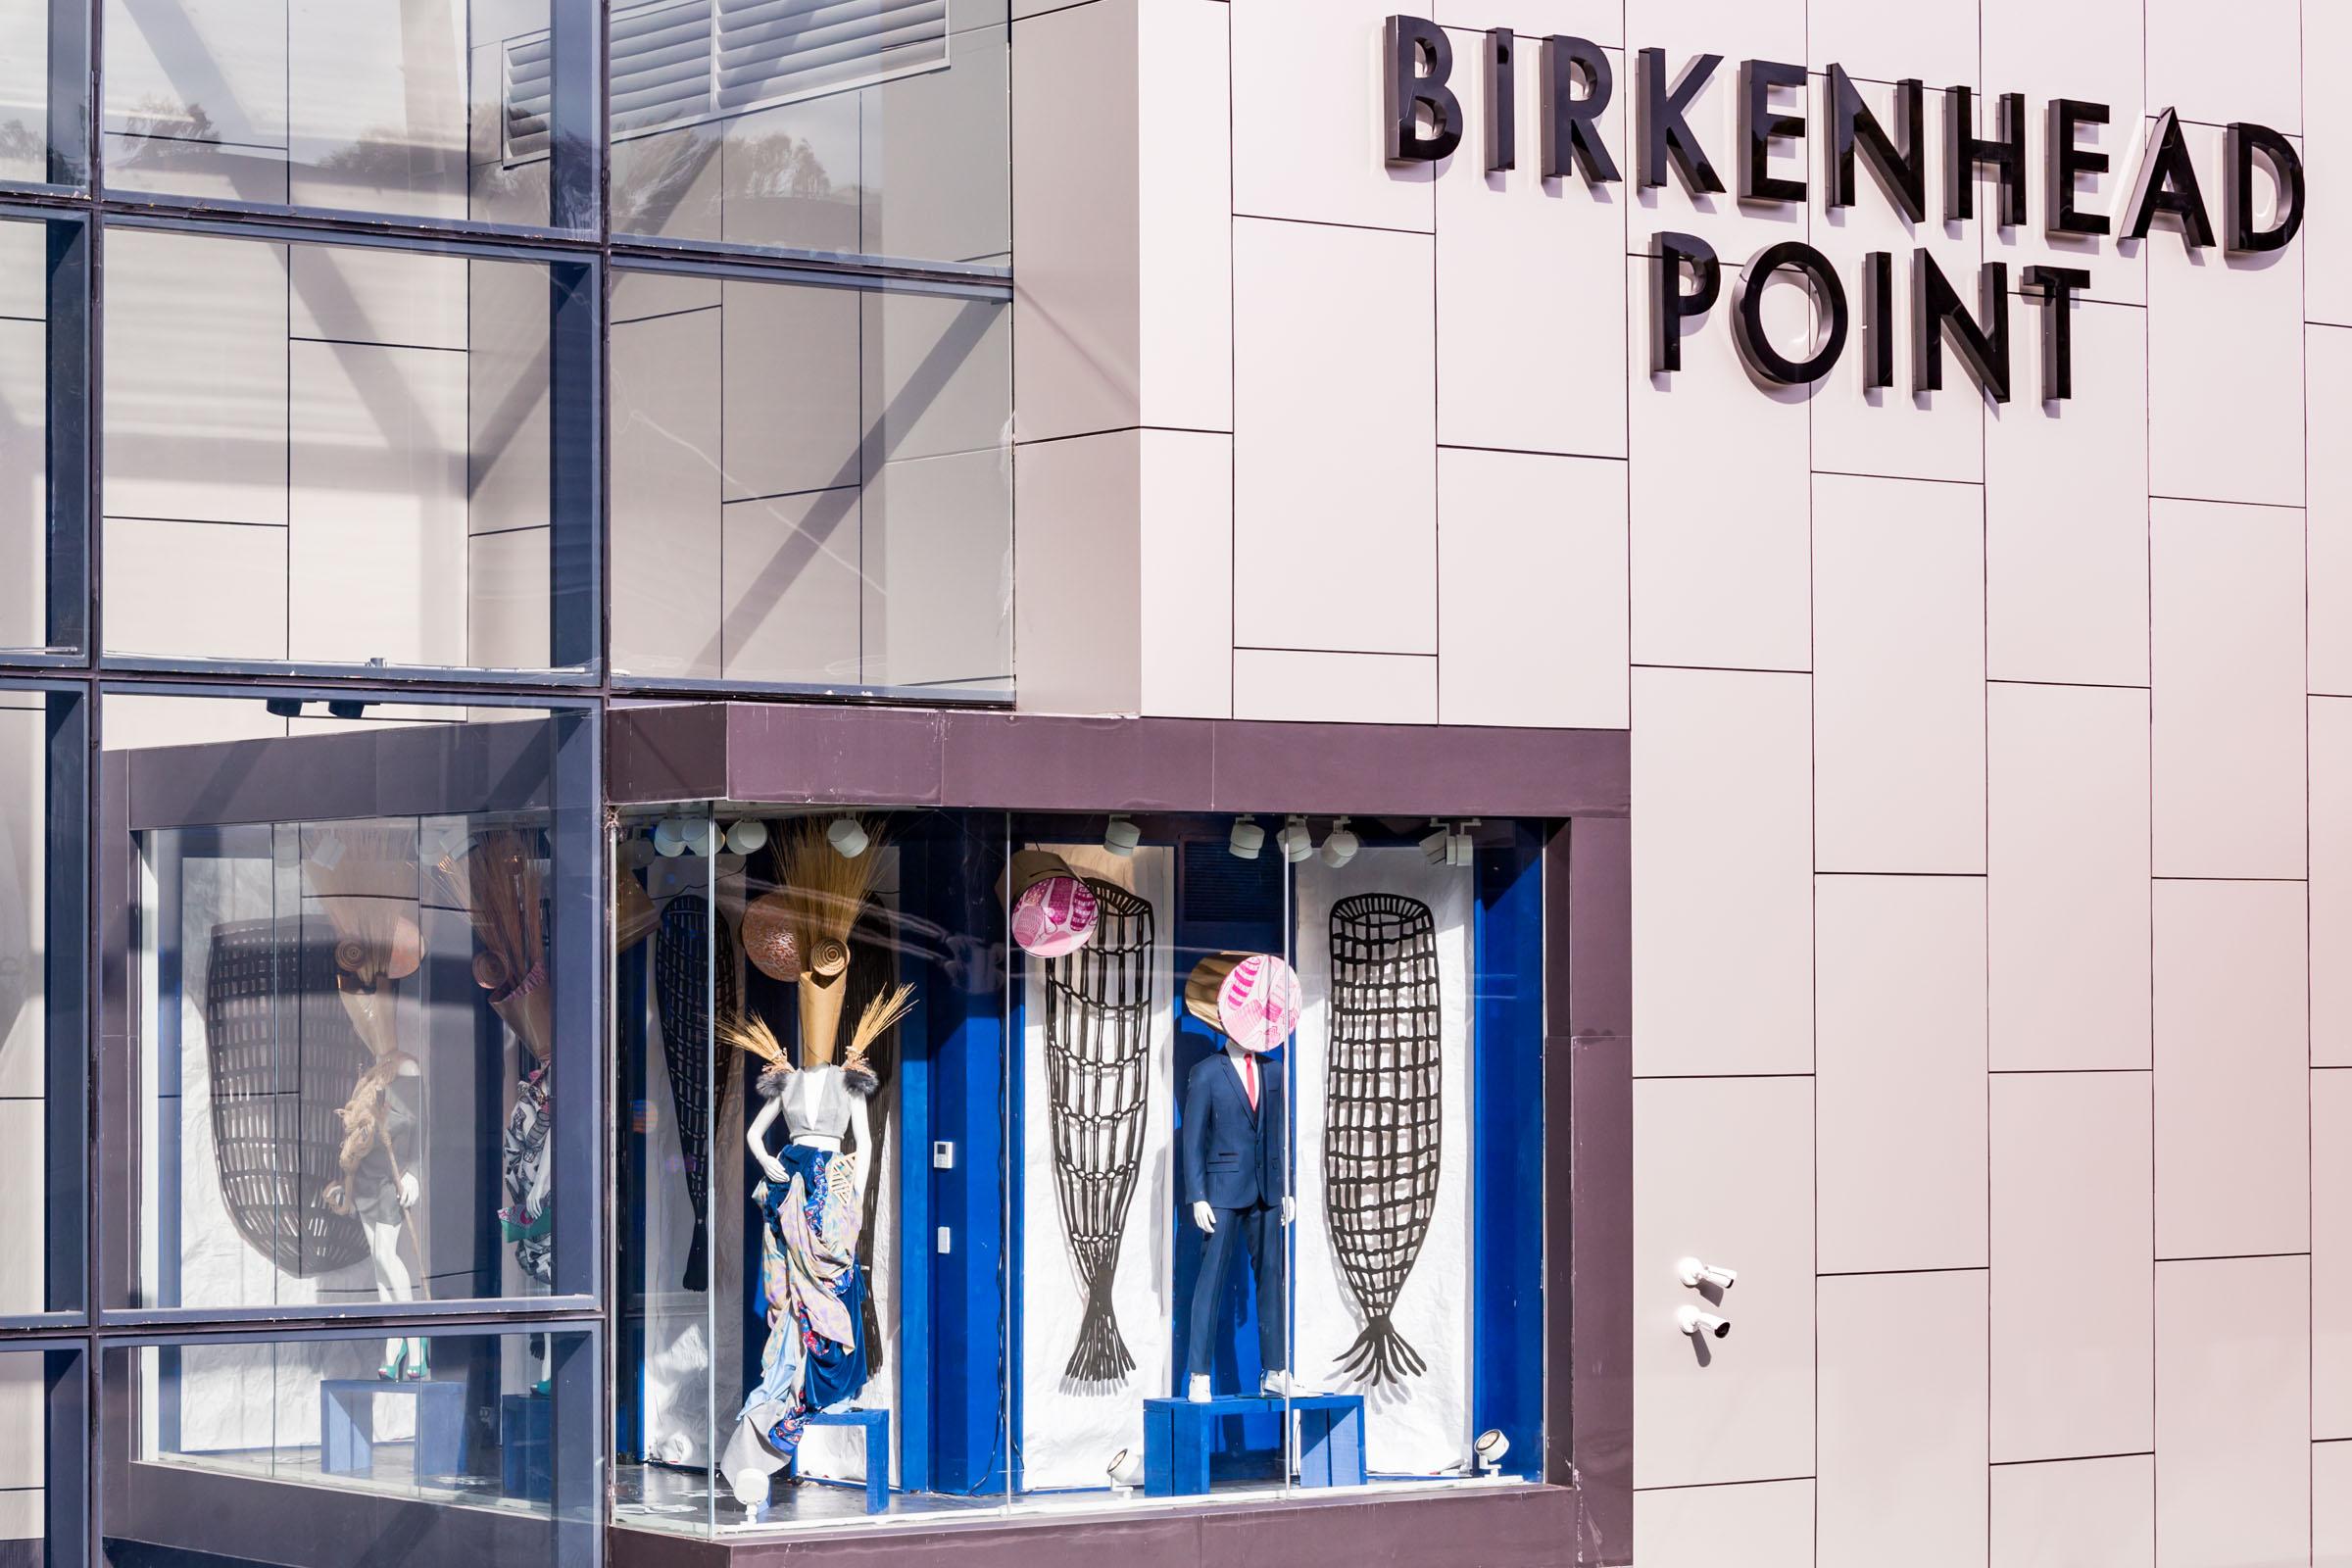 Birkenhead Point Shopping Centre_Art Pharmacy Consulting_ install Luke Power Photo Jodie Barker-1.jpg